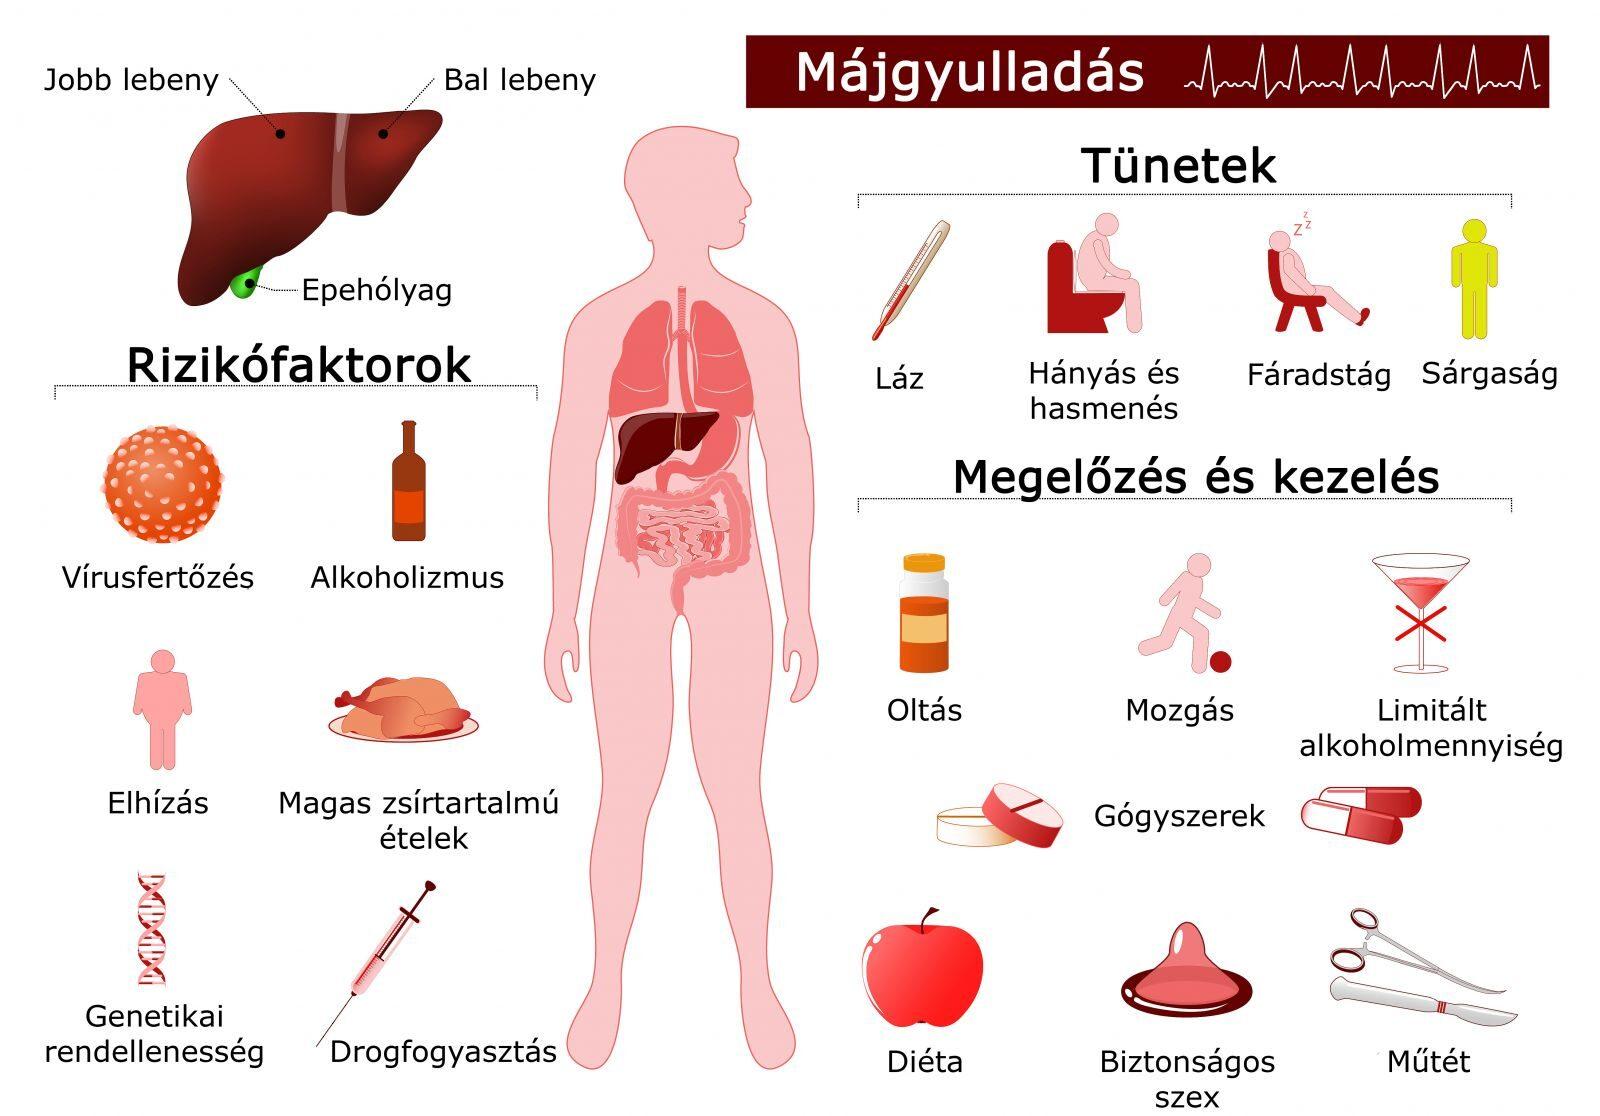 hepatitis c és ízületi fájdalmak